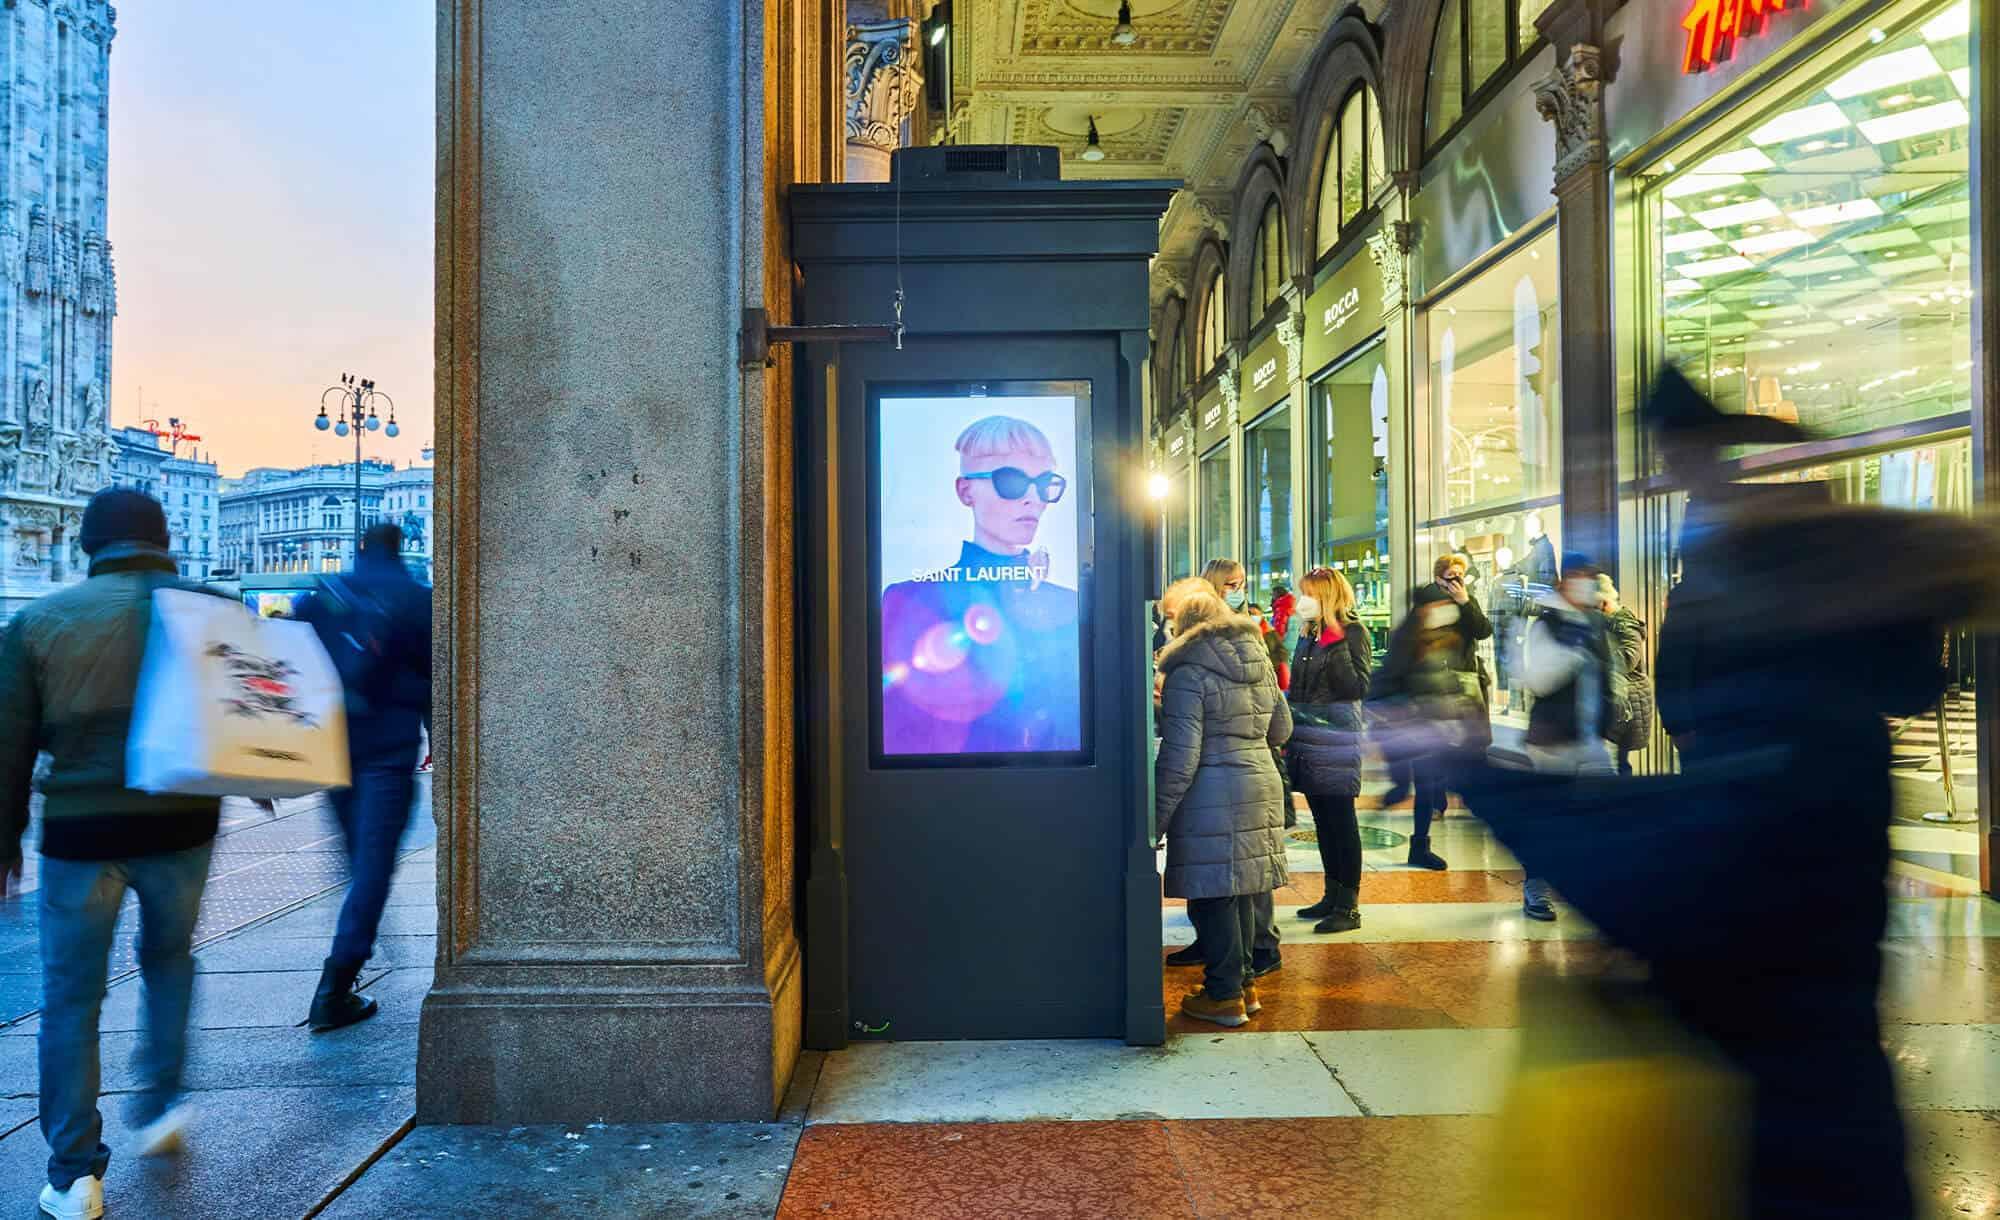 Domminaction Circuito Digitali in Piazza Duomo a Milano con Saint Laurent (Fashion)